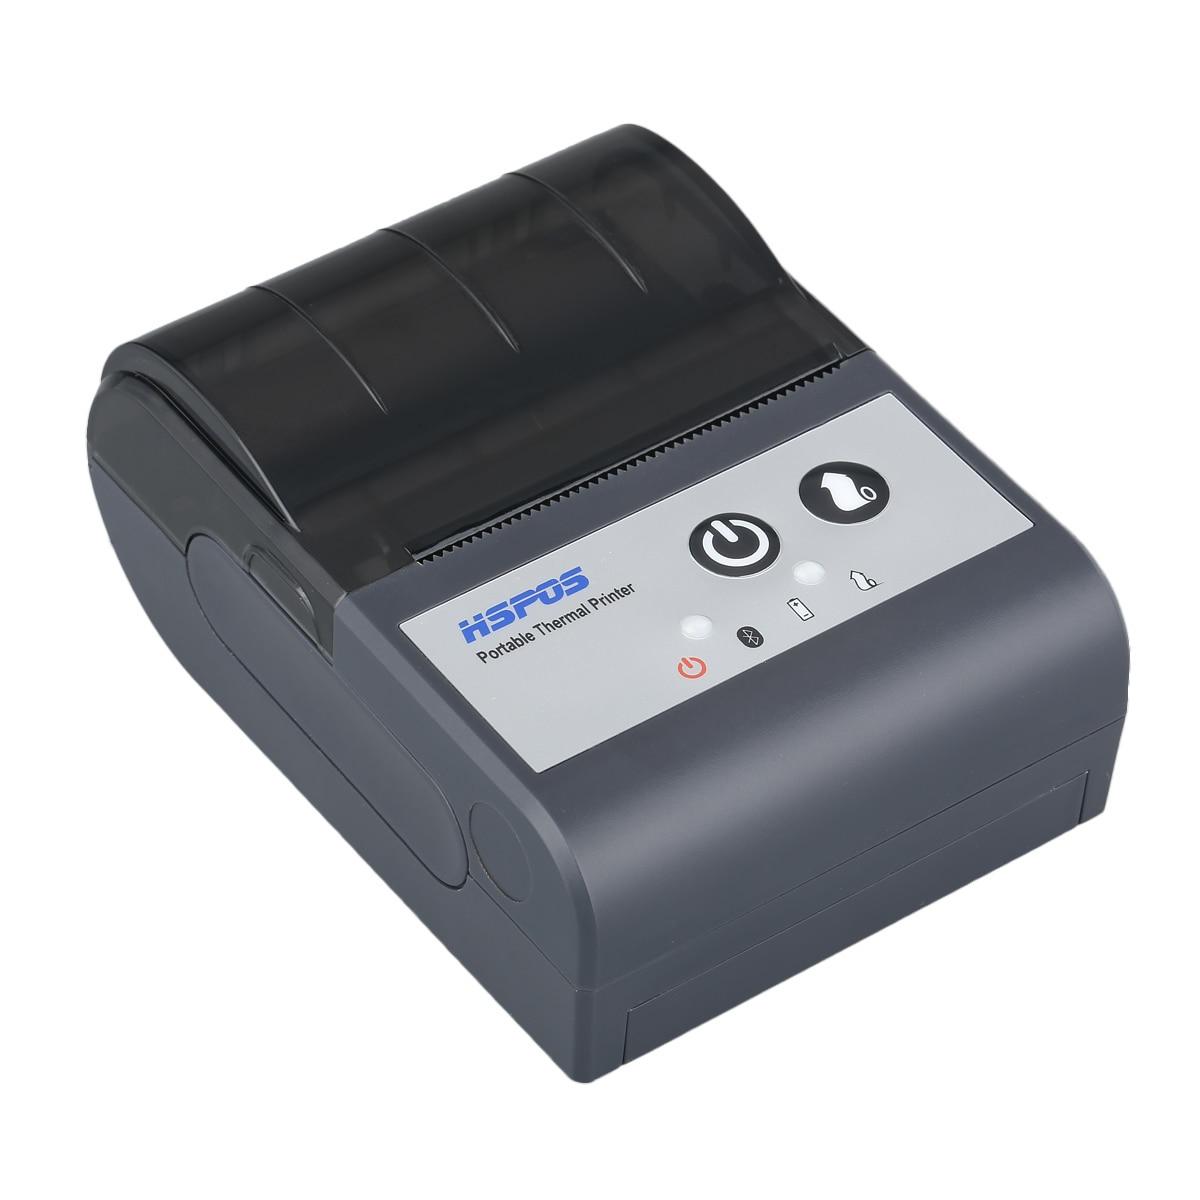 Offre spéciale pas cher 2 pouces thermique Mobile 58mm Bluetooth reçu imprimante Support code à barres impression pour entrepôt Express